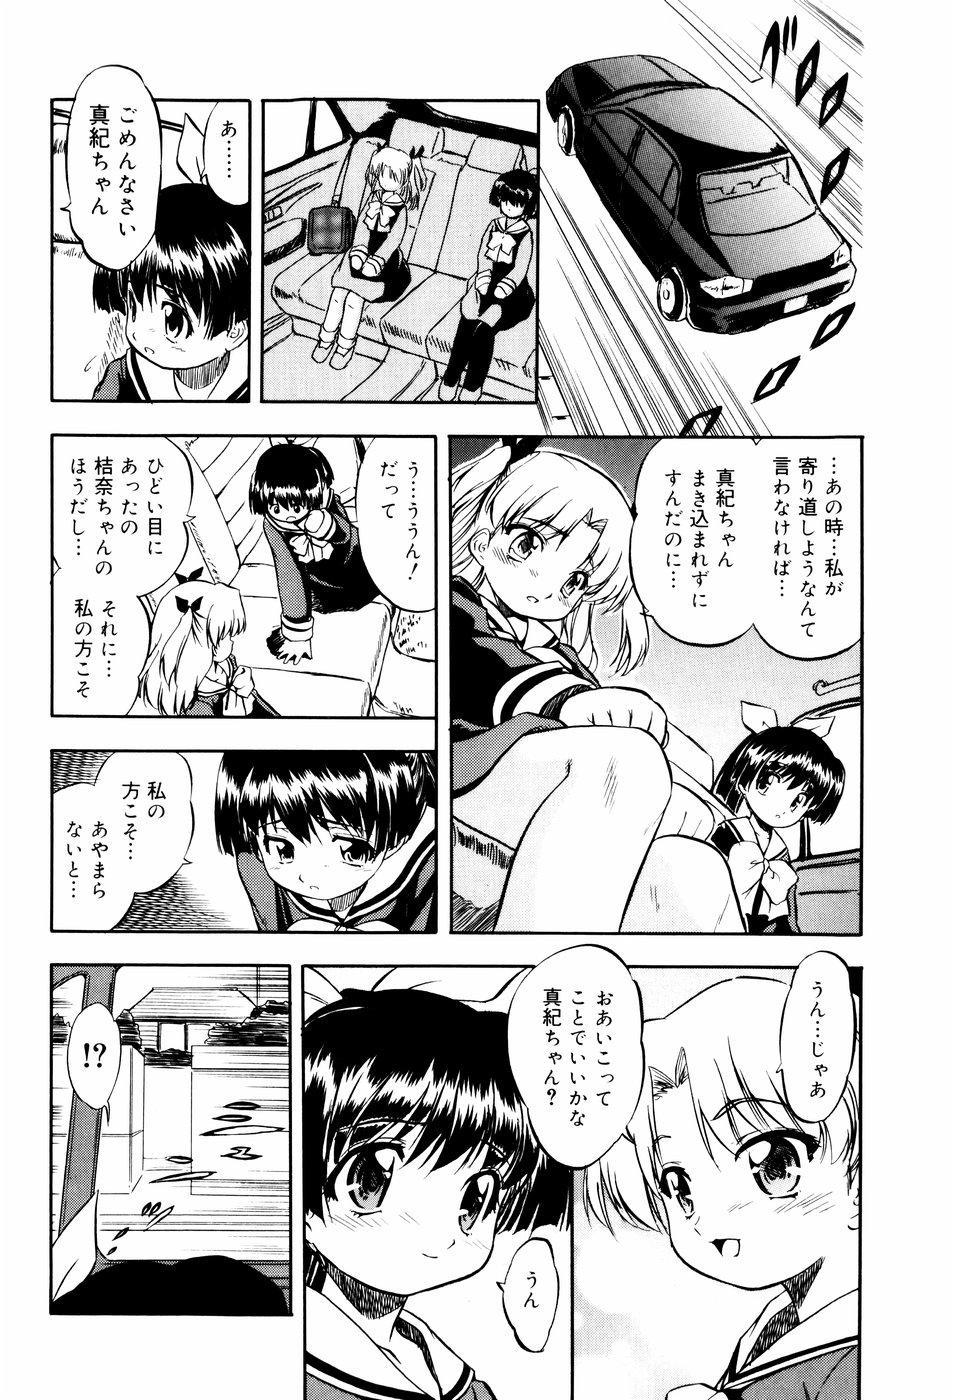 Mitsuiro Ni Tokeru Kakera 15